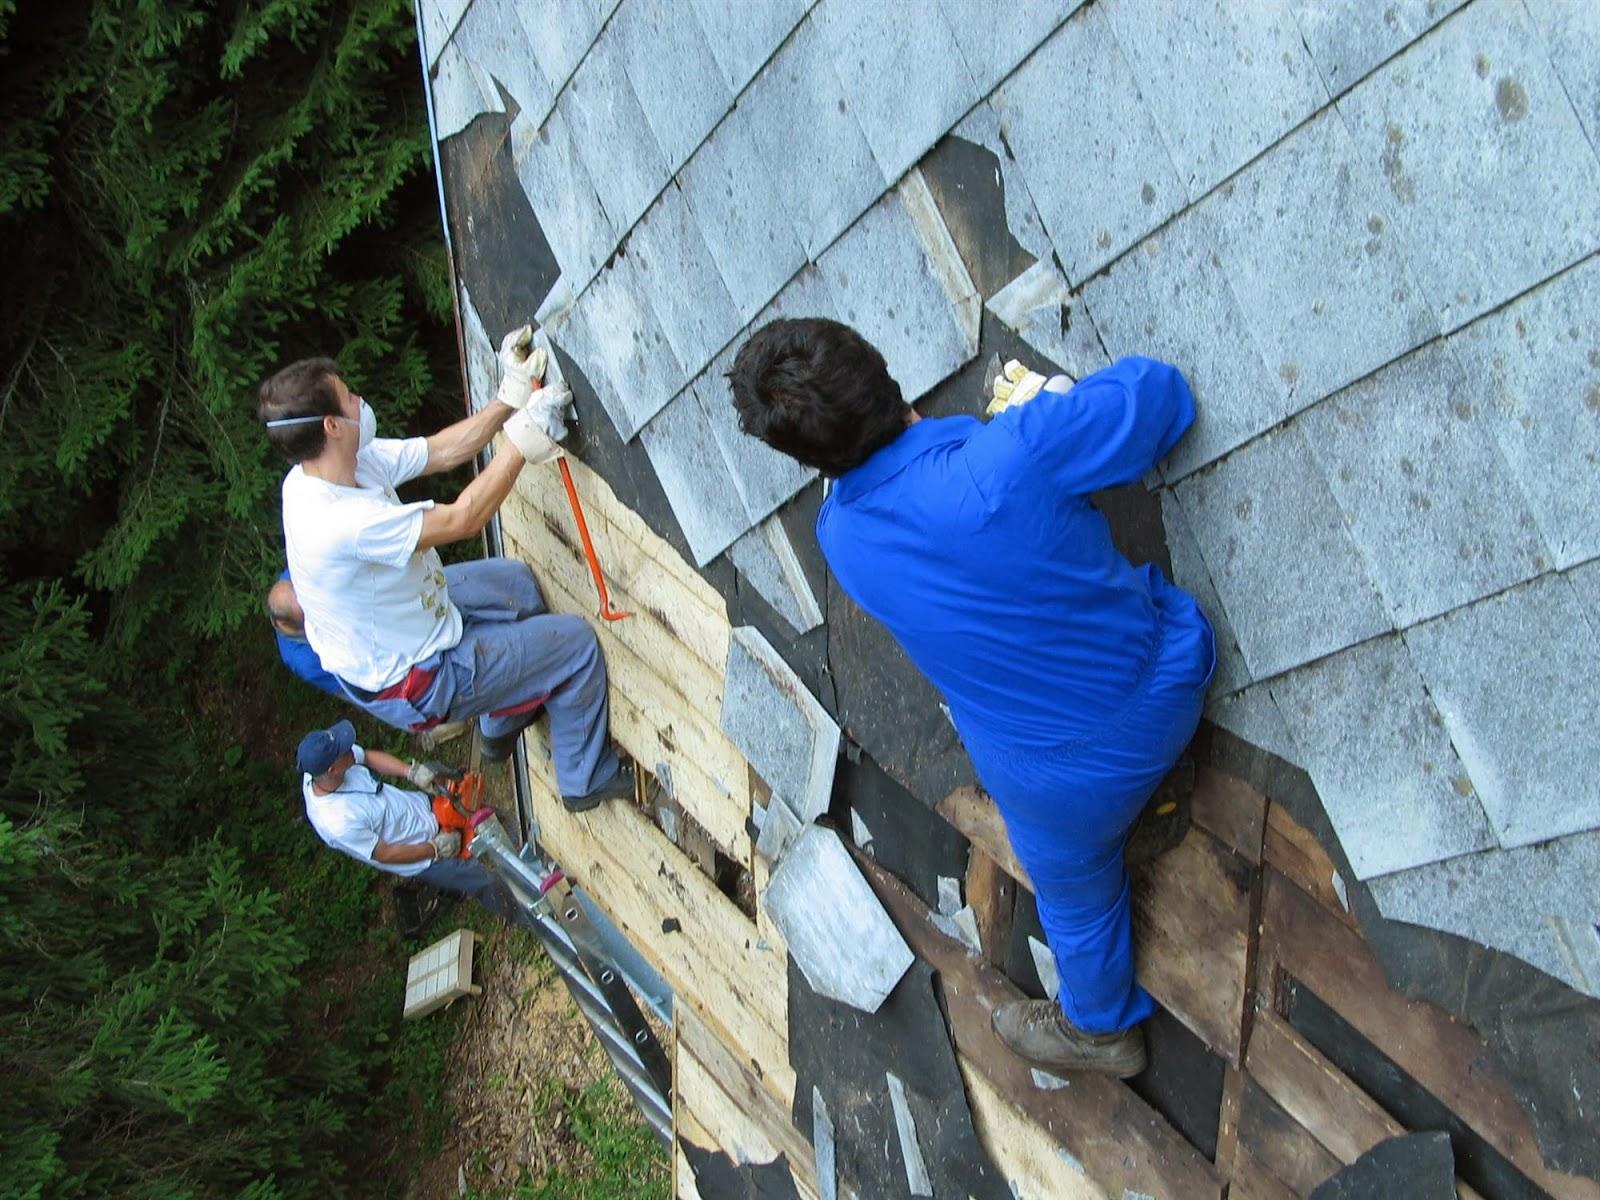 Delovna akcija - Streha, Črni dol 2006 - streha%2B043.jpg